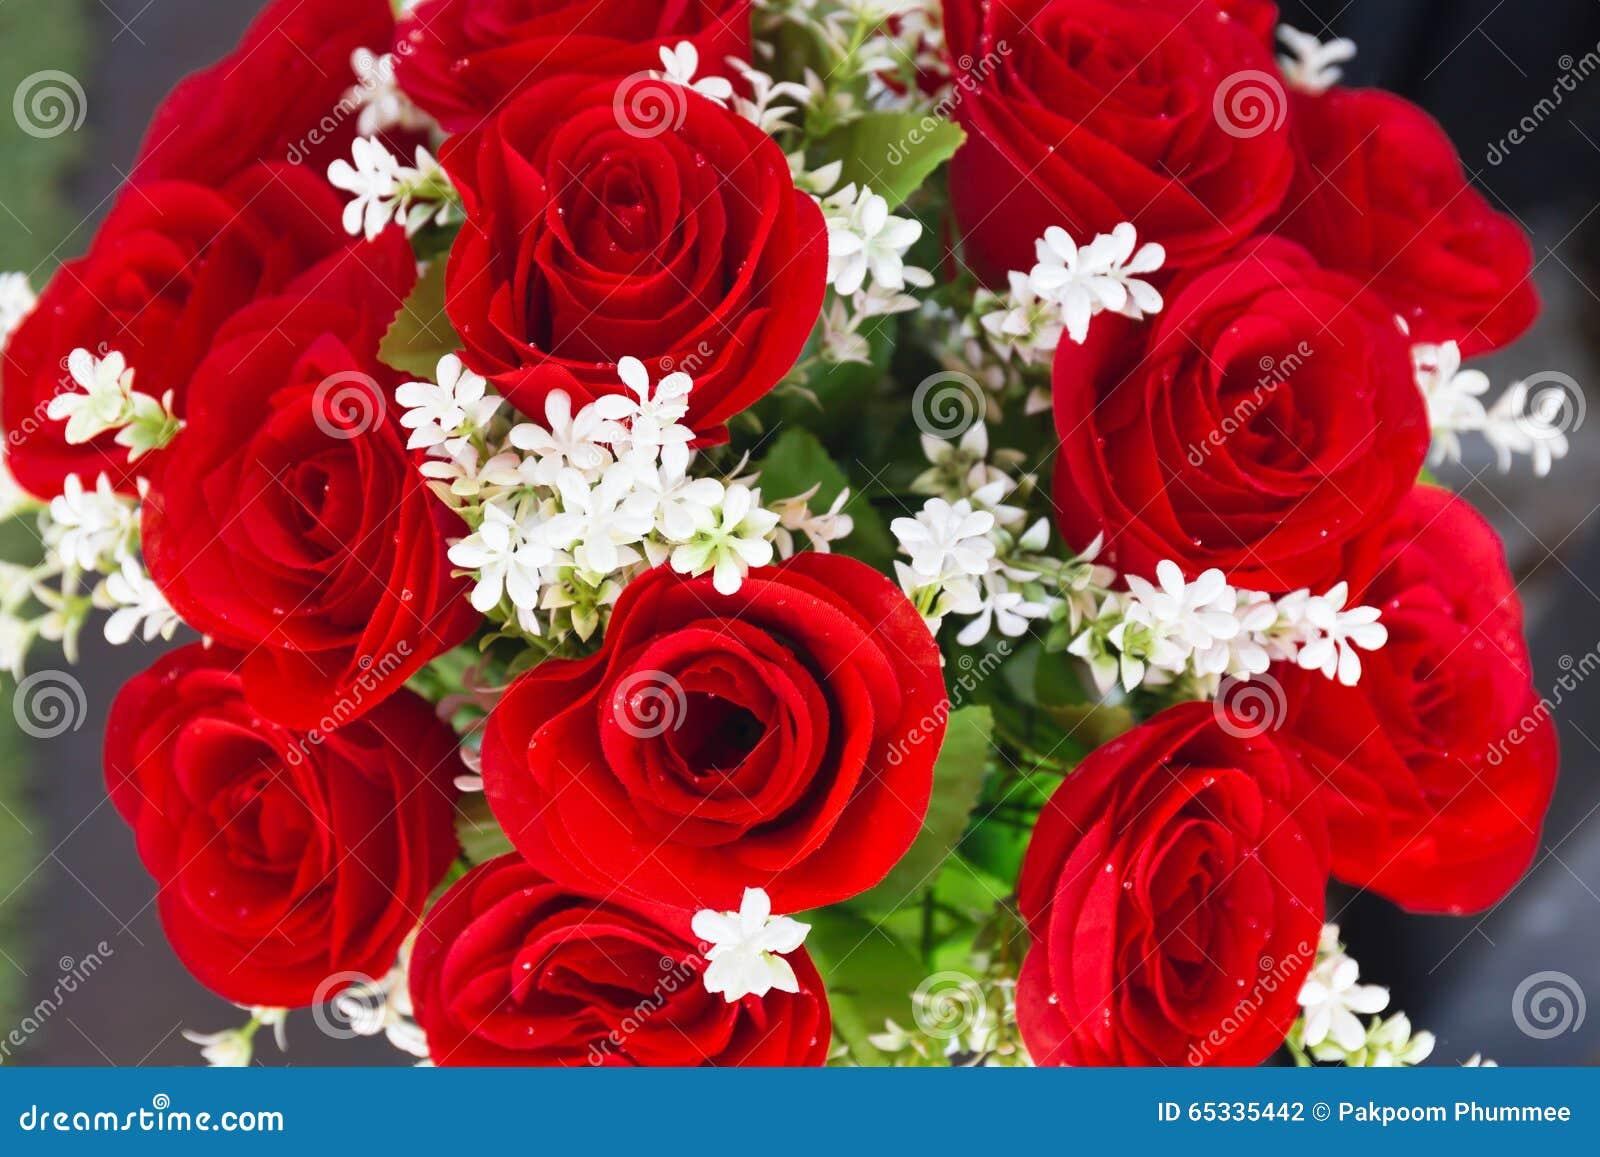 Rosas Rojas De Las Flores Artificiales Y De La Flor Blanca Foto De